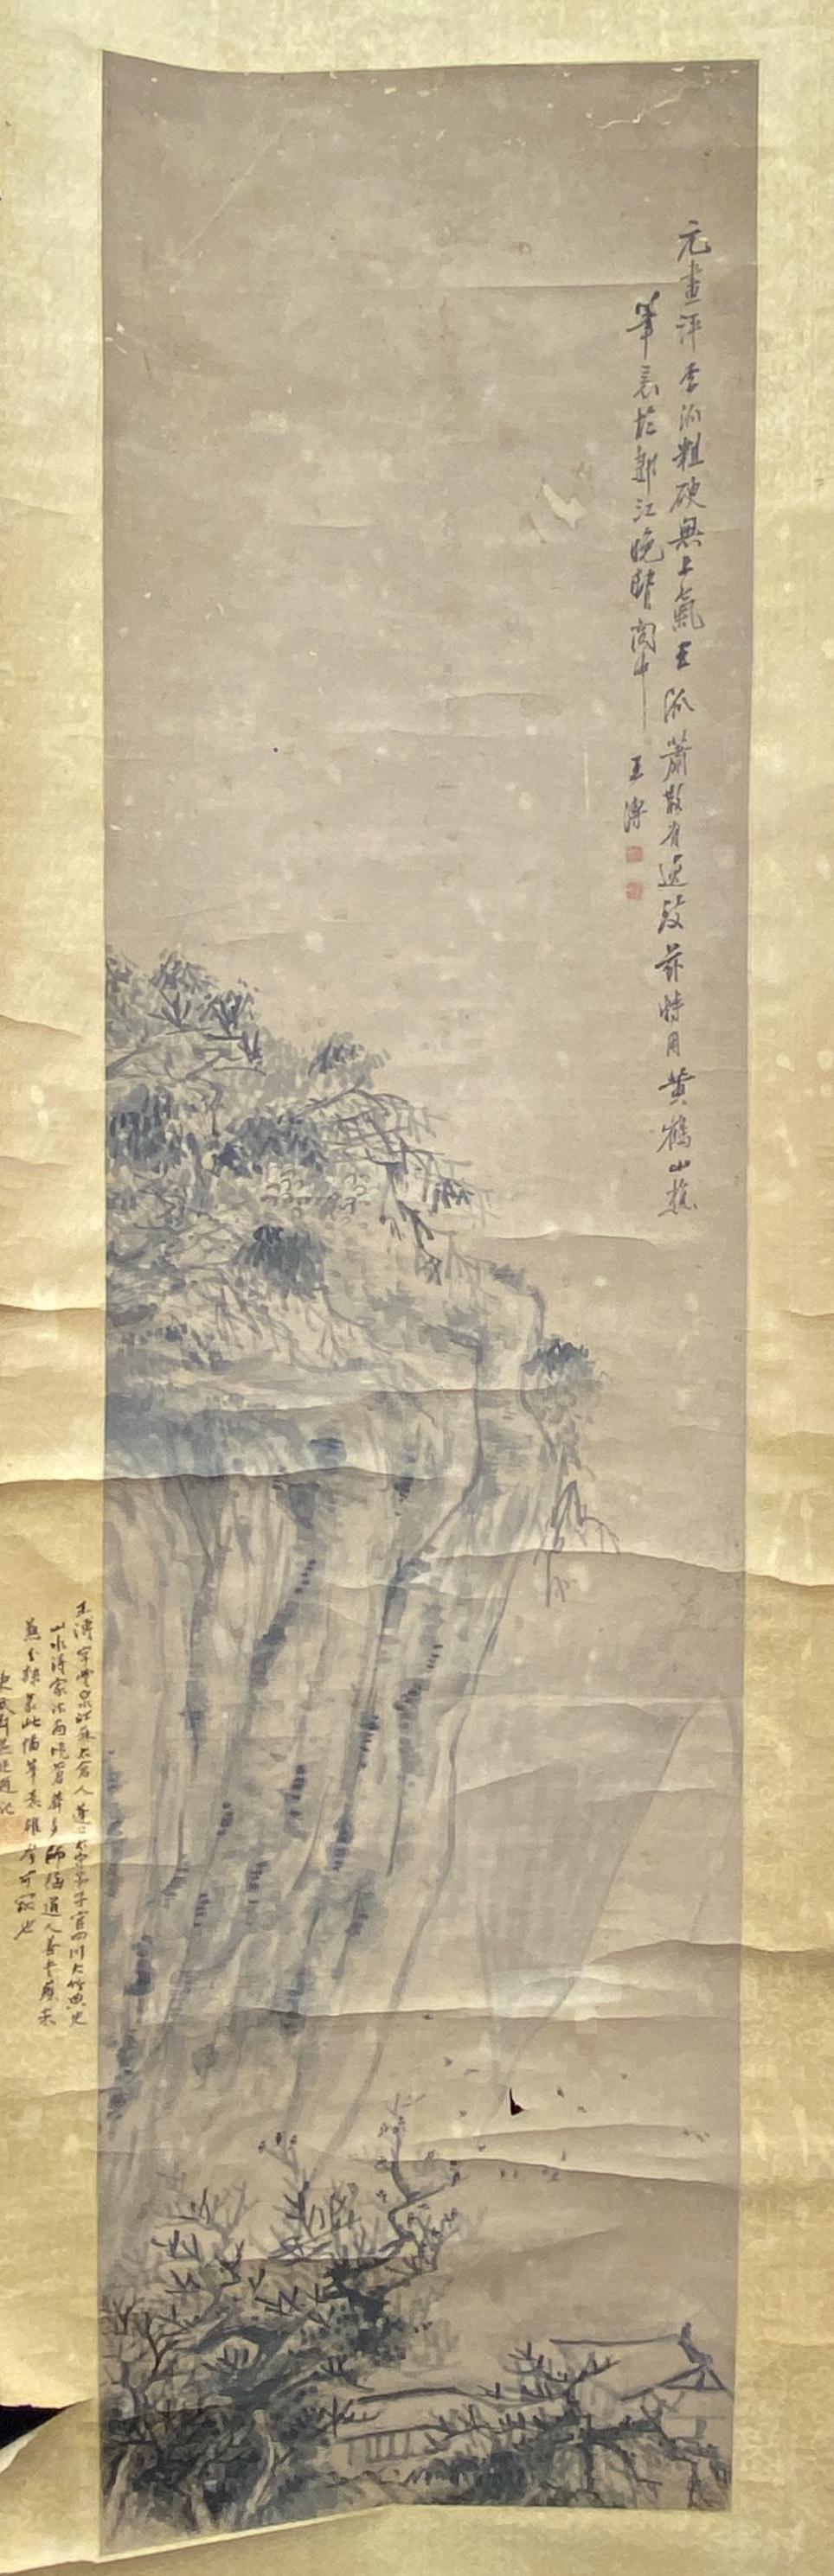 20559「王溥」画 山水図 軸161.5×43cm